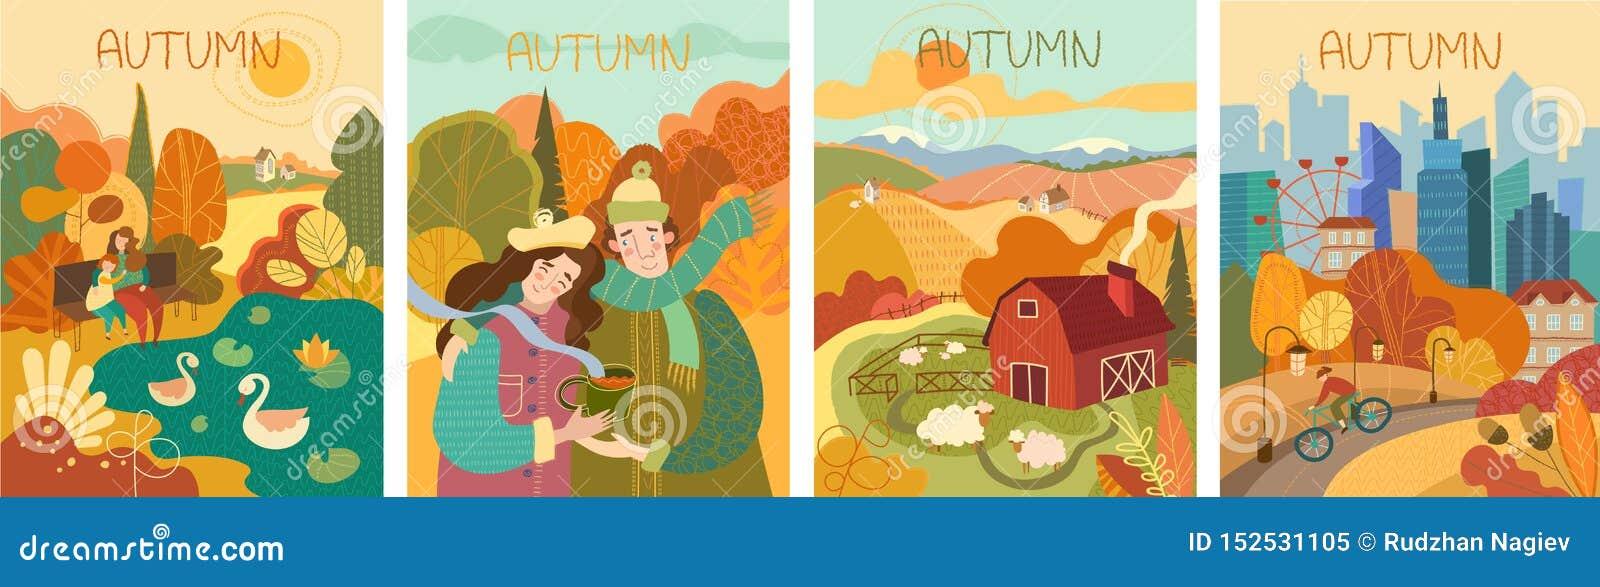 Reeks van vier kleurrijke afbeeldingen van het de herfstleven